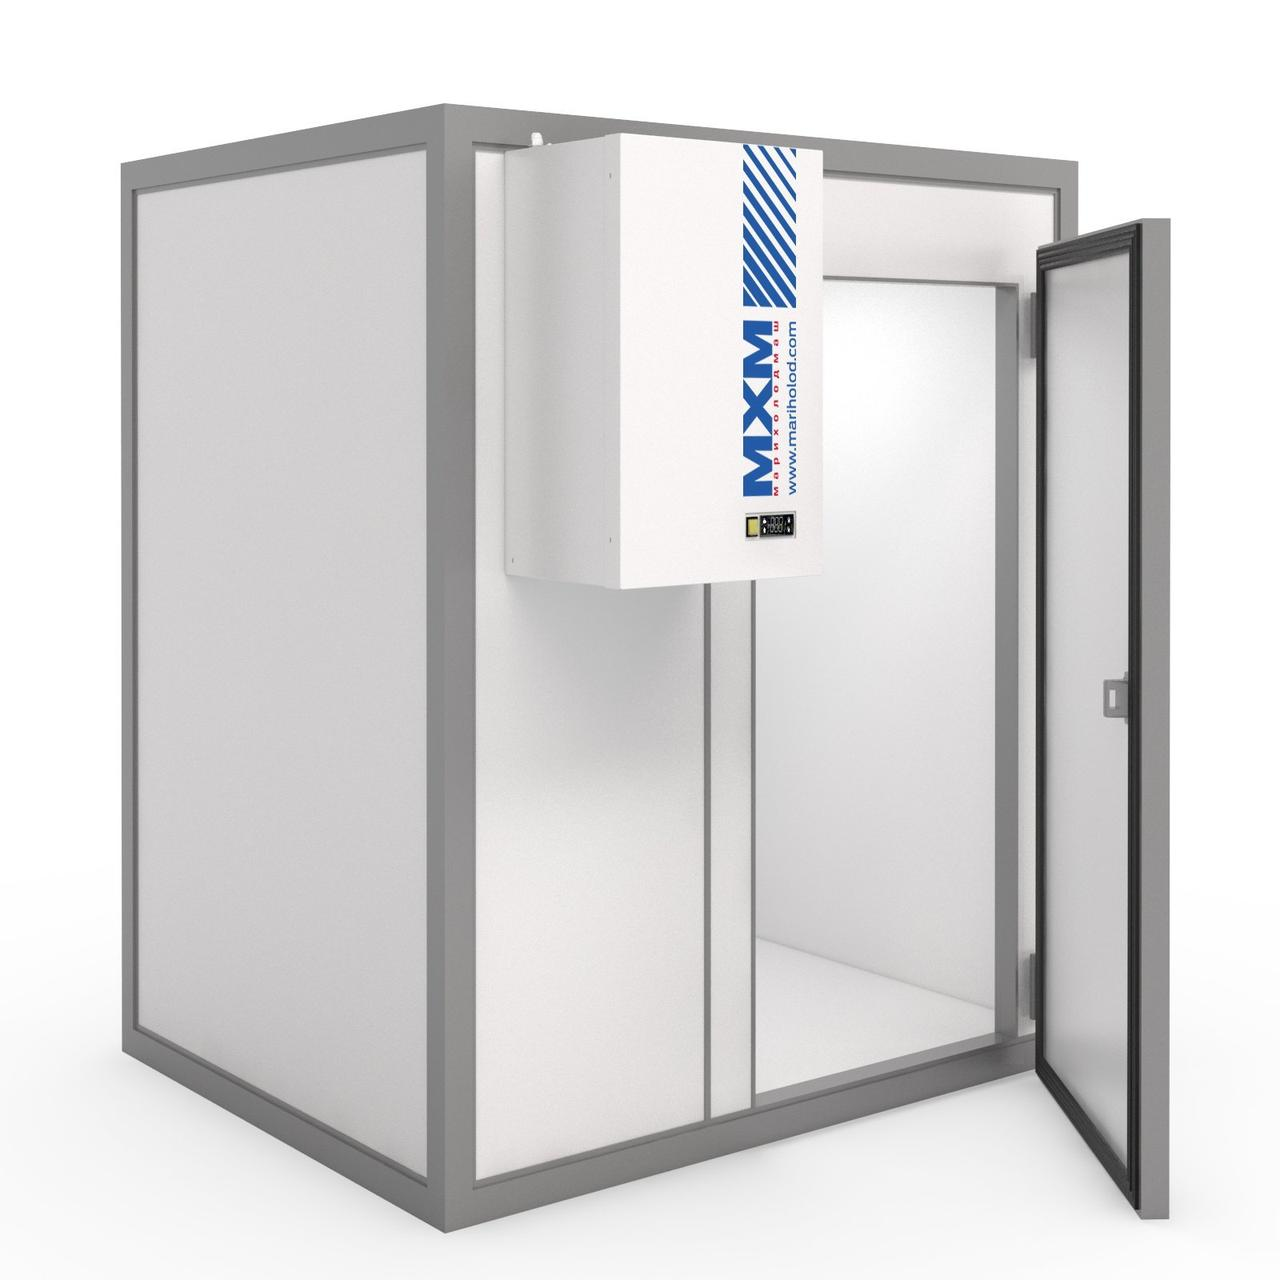 Холодильная камера Марихолодмаш КХ-56,18